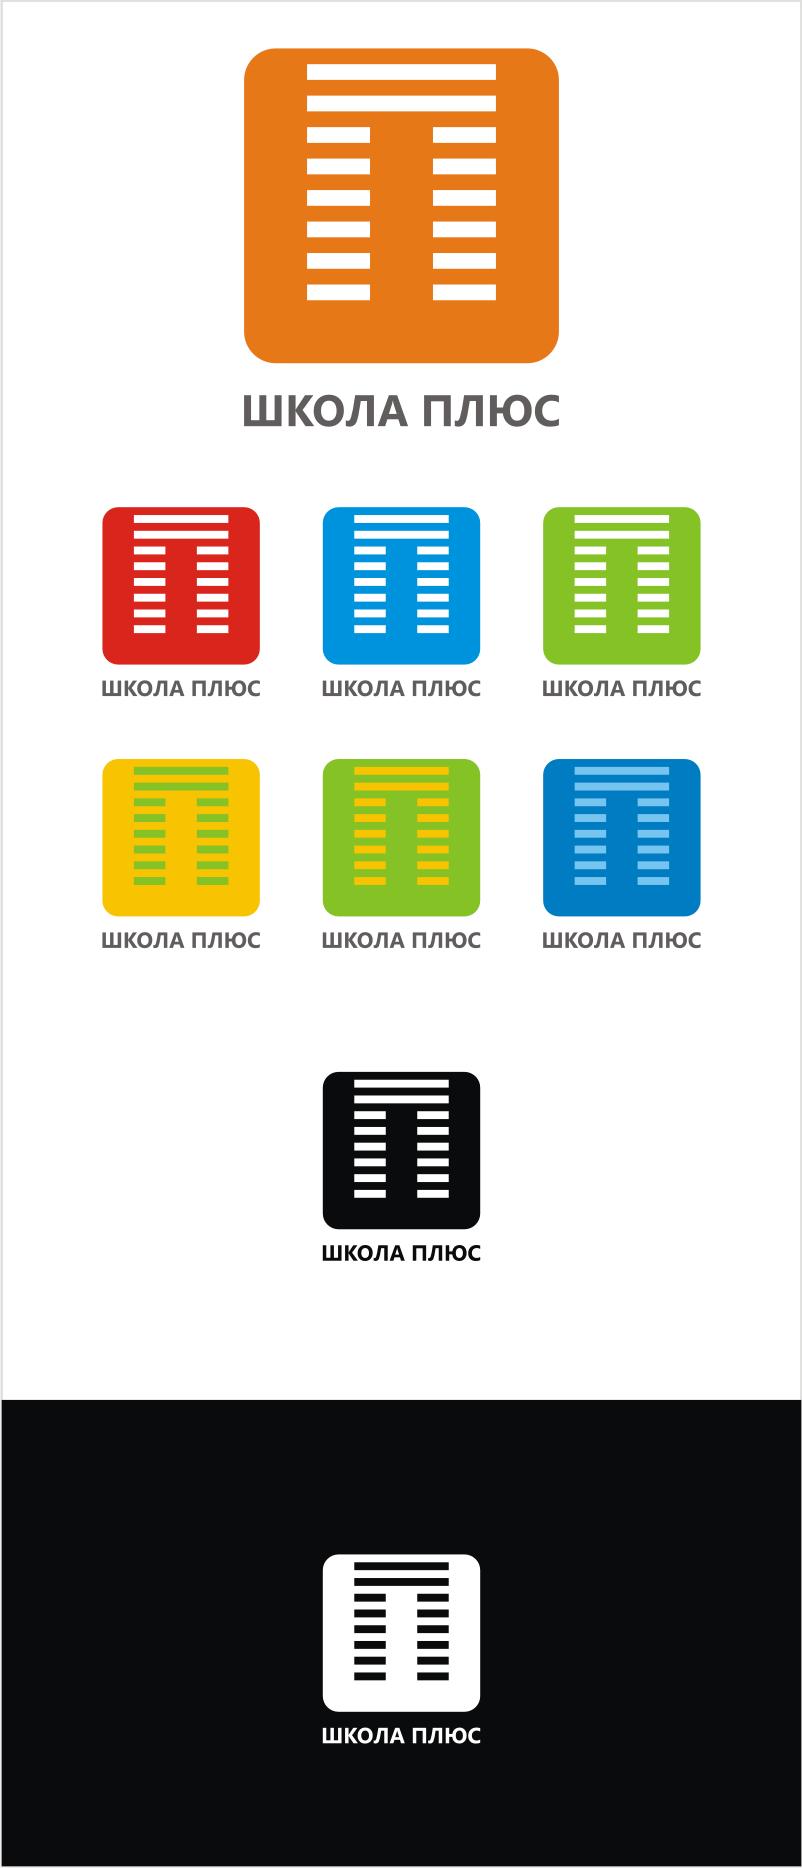 Разработка логотипа и пары элементов фирменного стиля фото f_4dac89d51adc6.png